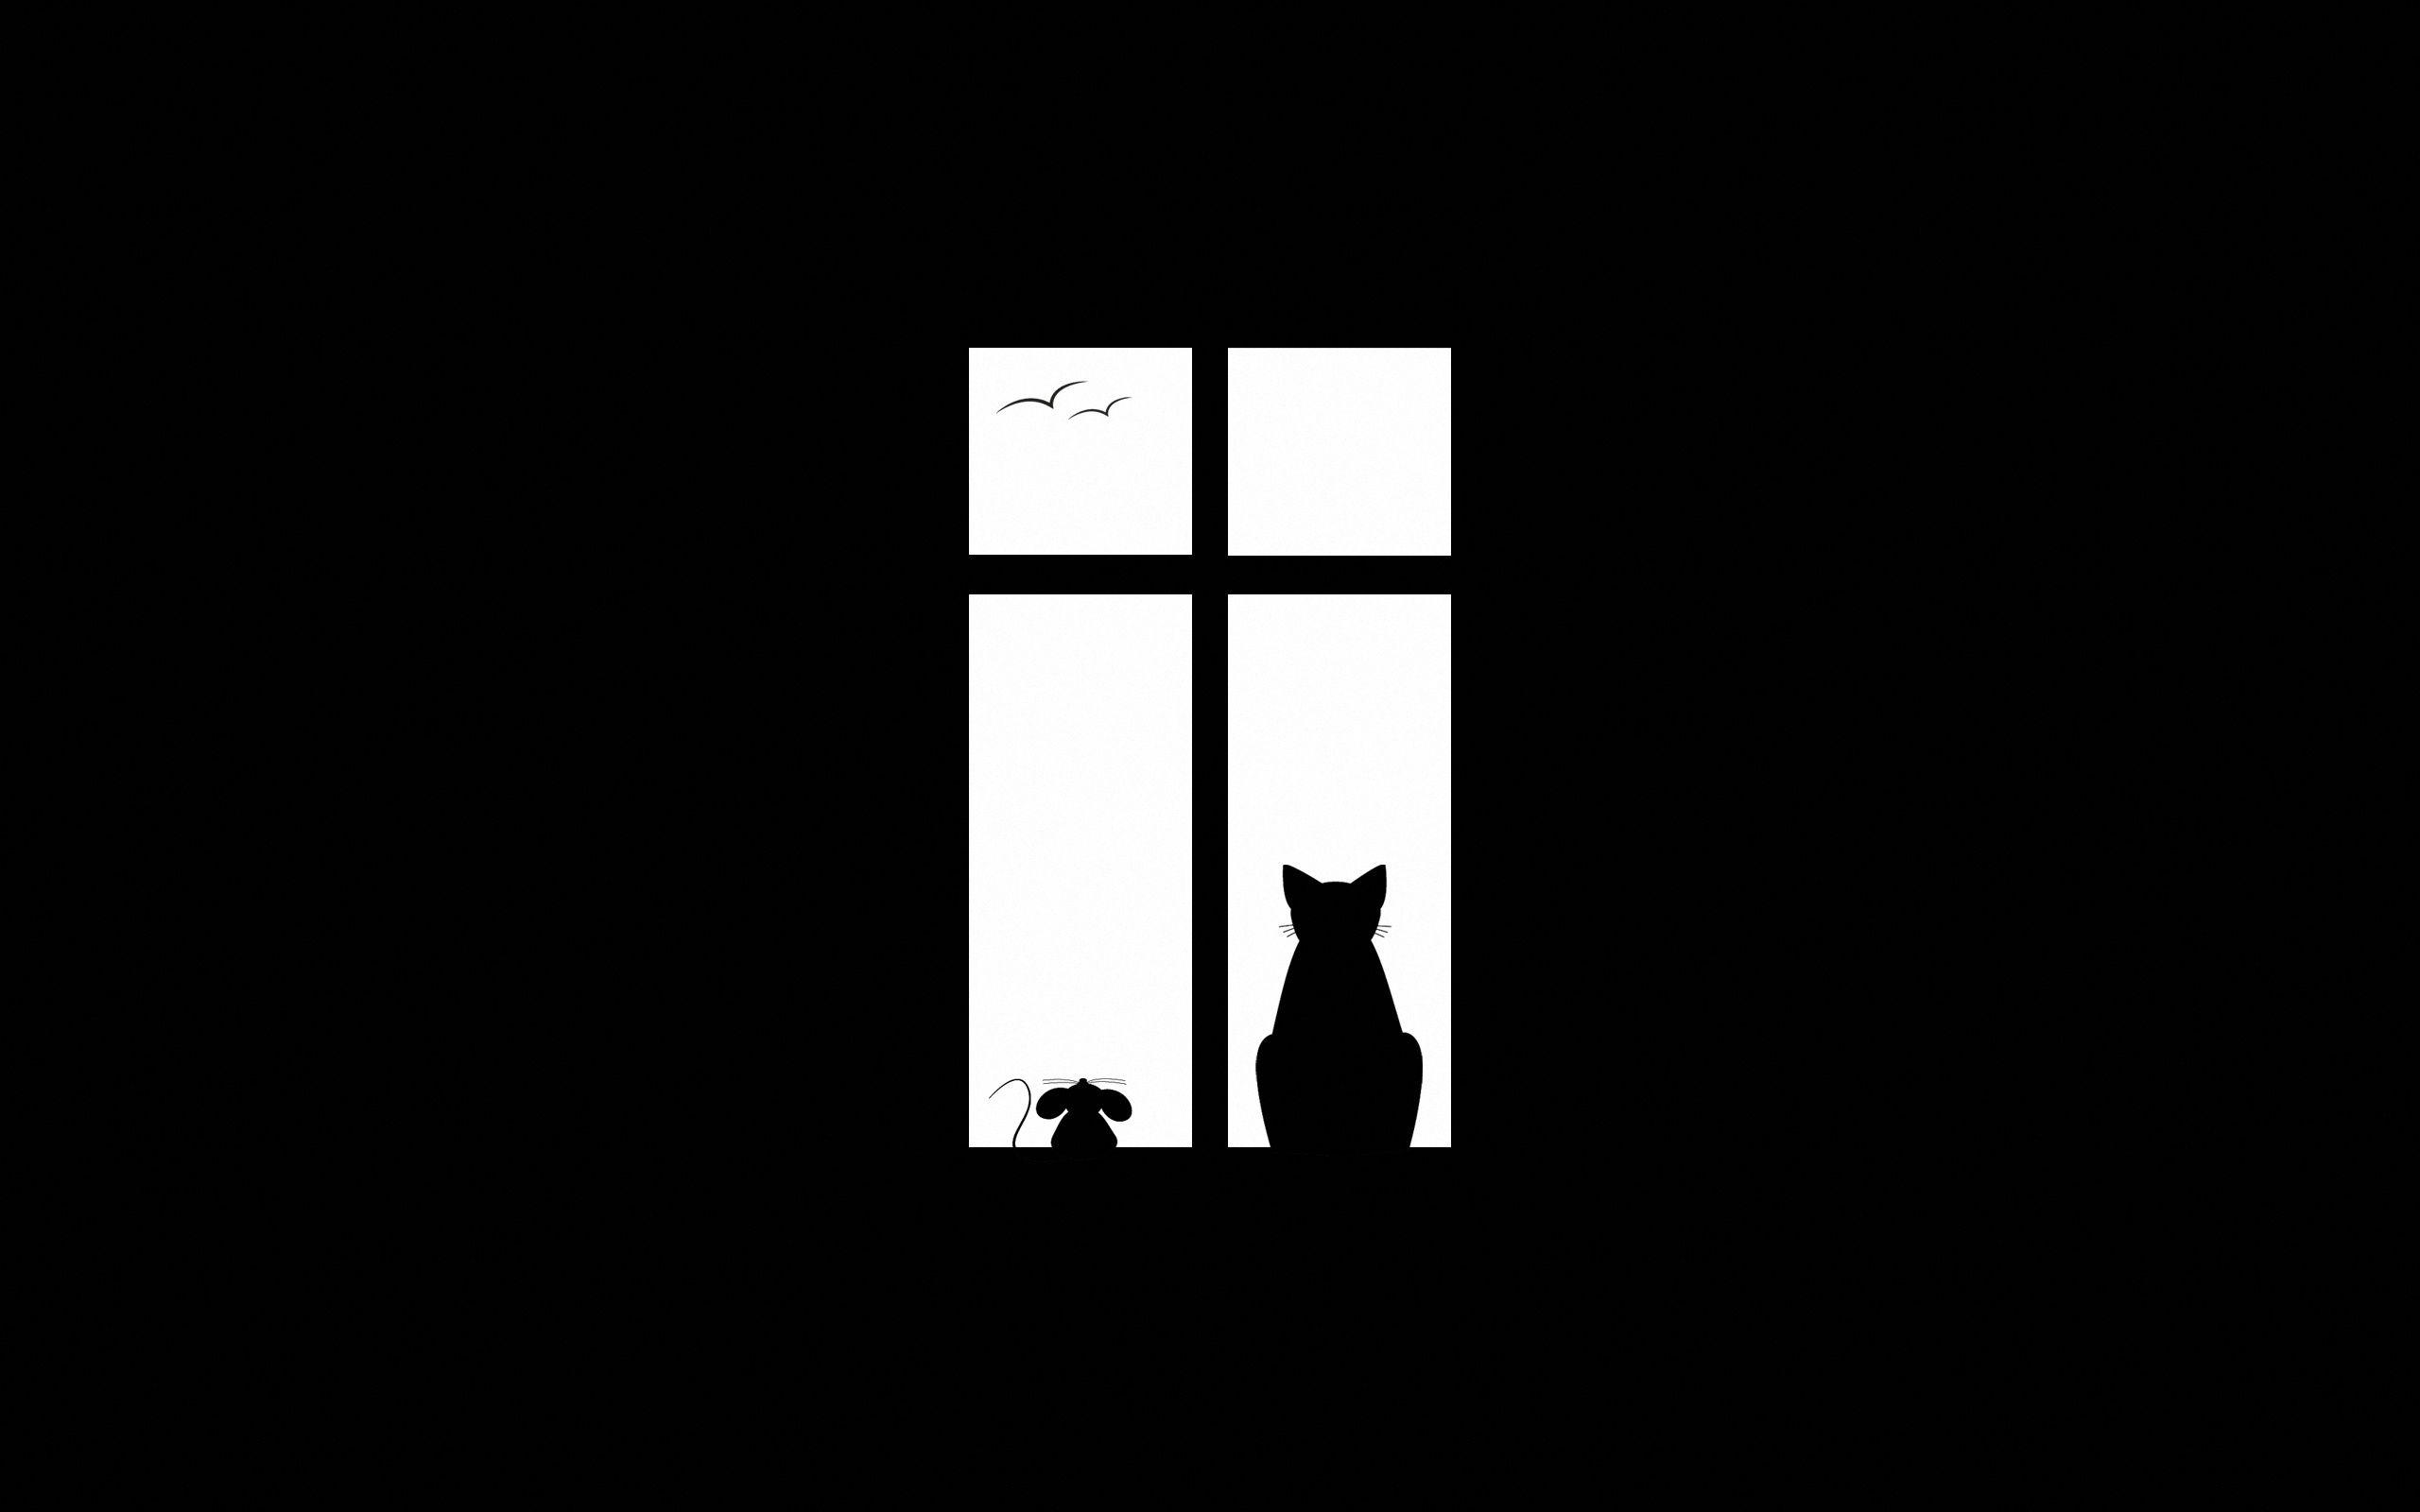 50514 Hintergrundbild herunterladen Silhouette, Der Kater, Katze, Minimalismus, Bild, Zeichnung, Fenster - Bildschirmschoner und Bilder kostenlos